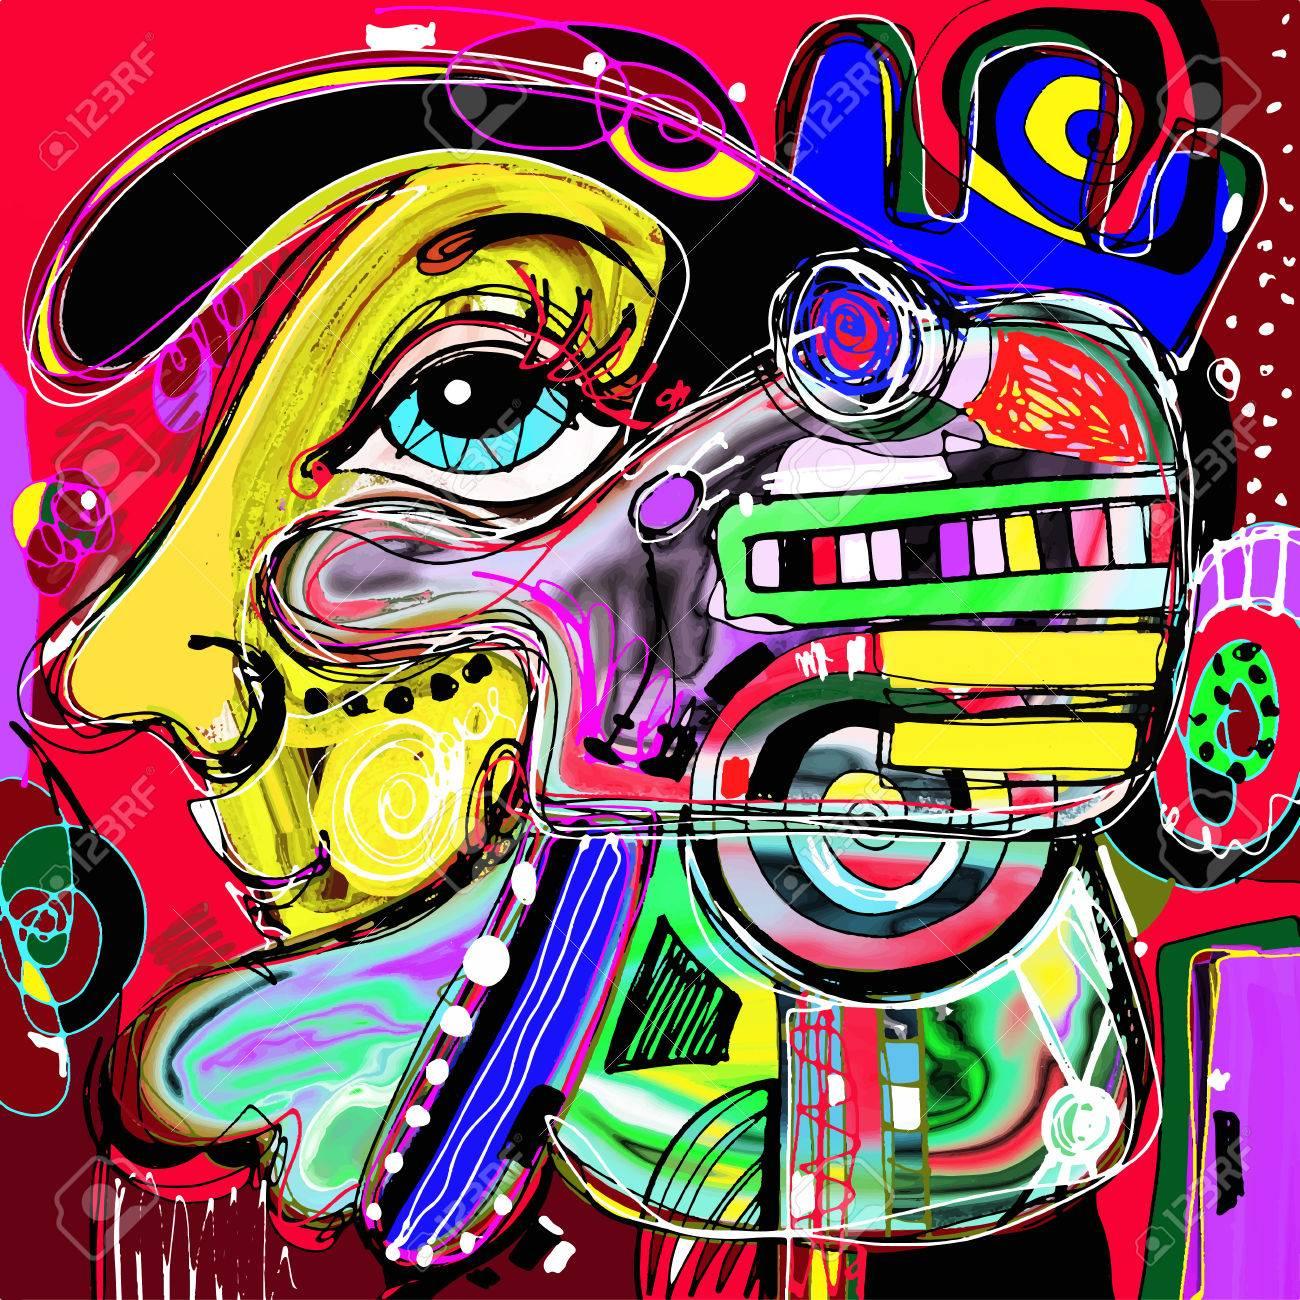 Bien-aimé Originale Peinture Abstraite Numérique De Visage Humain  PF71